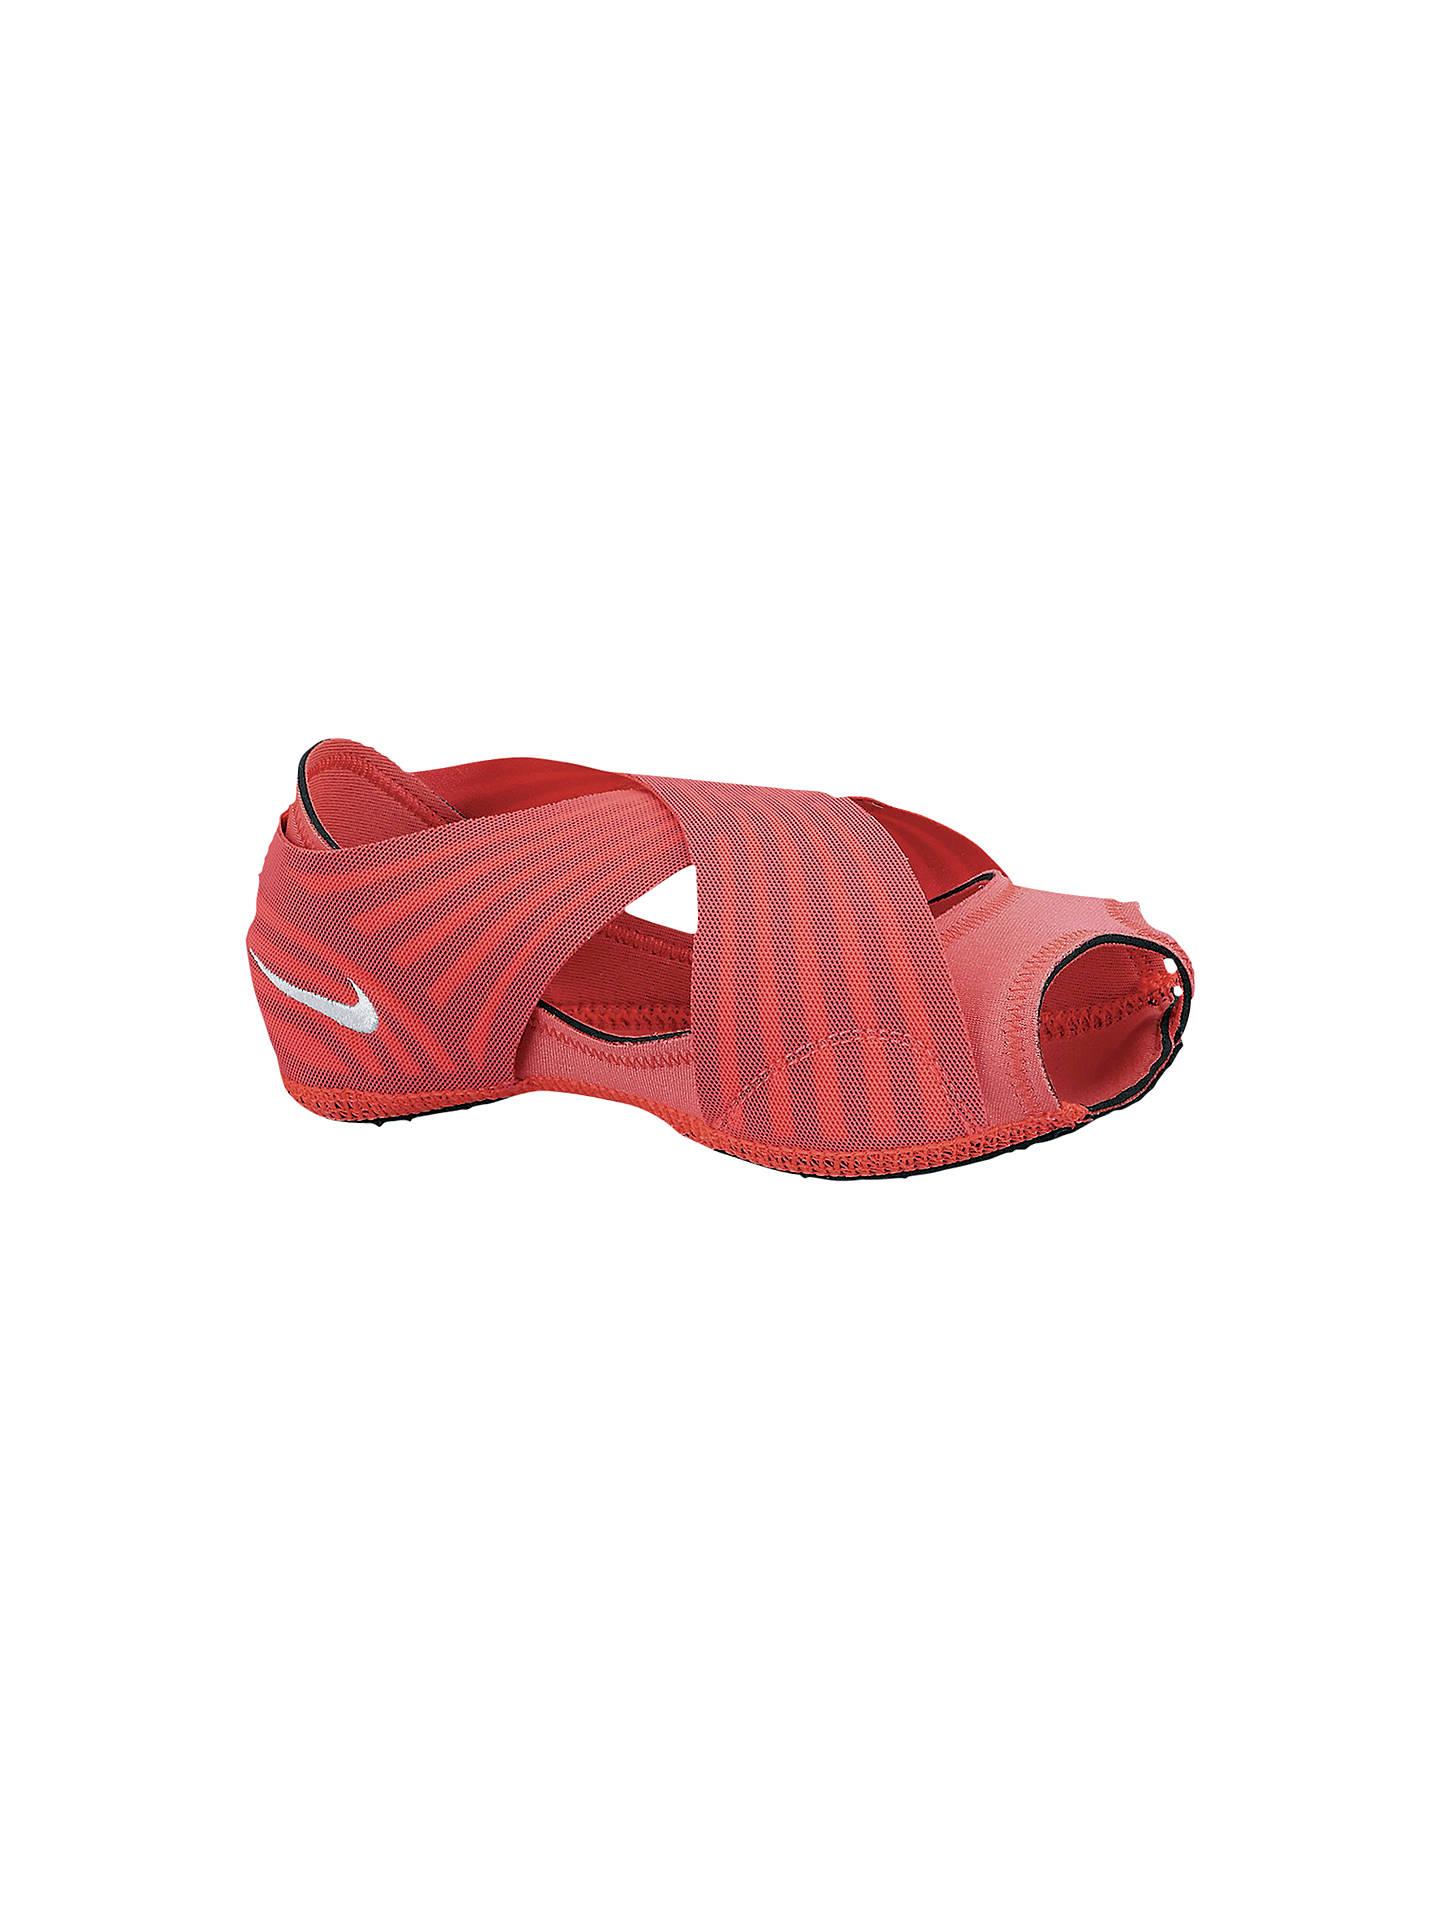 e484d0e406 Buy Nike Studio Wrap 2 Women s Training Shoe